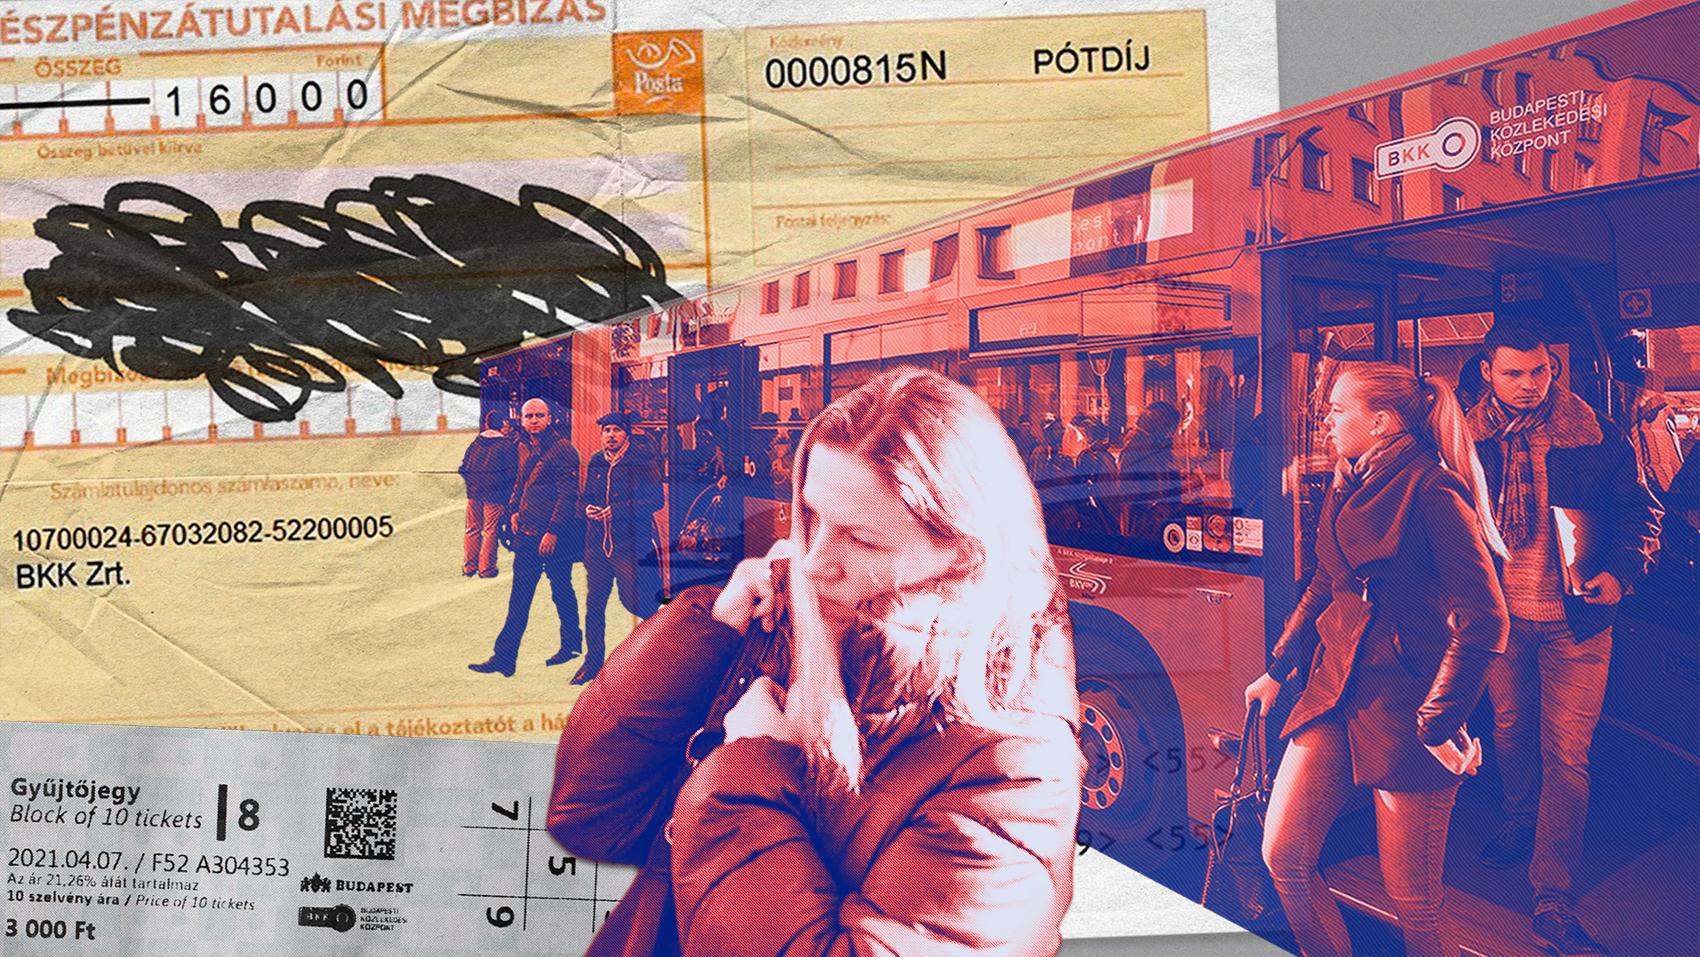 Németországban fizetett egy boltban, miközben megbüntették Budapesten egy buszon